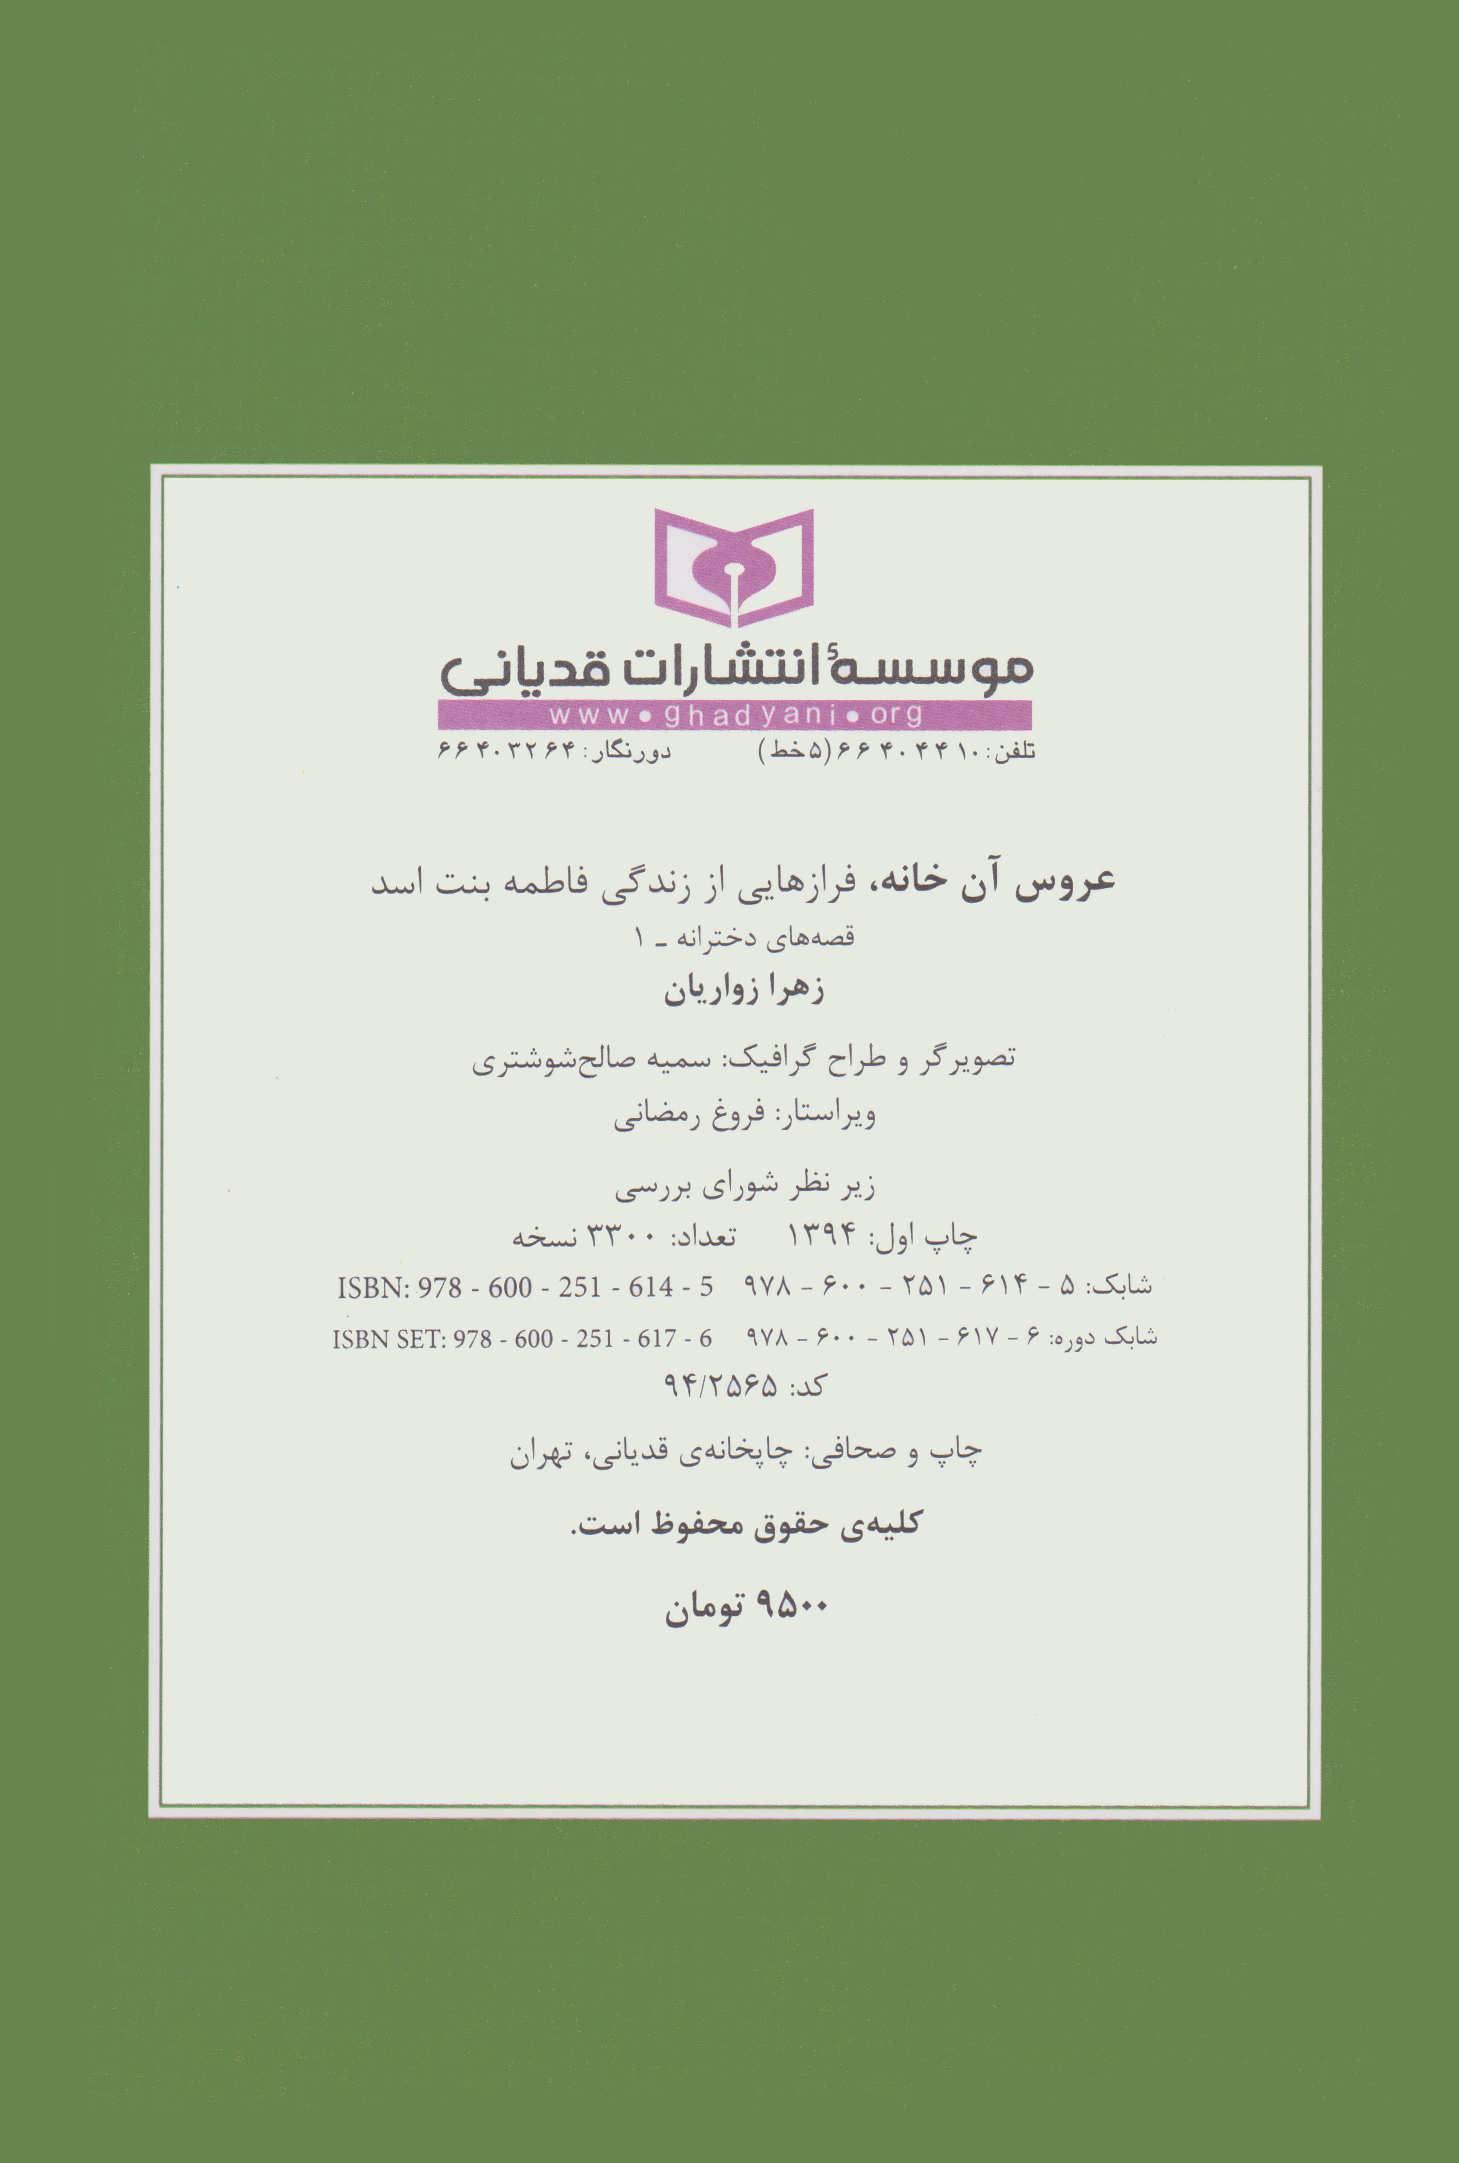 قصه های دخترانه 1 (عروس آن خانه (فرازهایی از زندگی فاطمه بنت اسد))